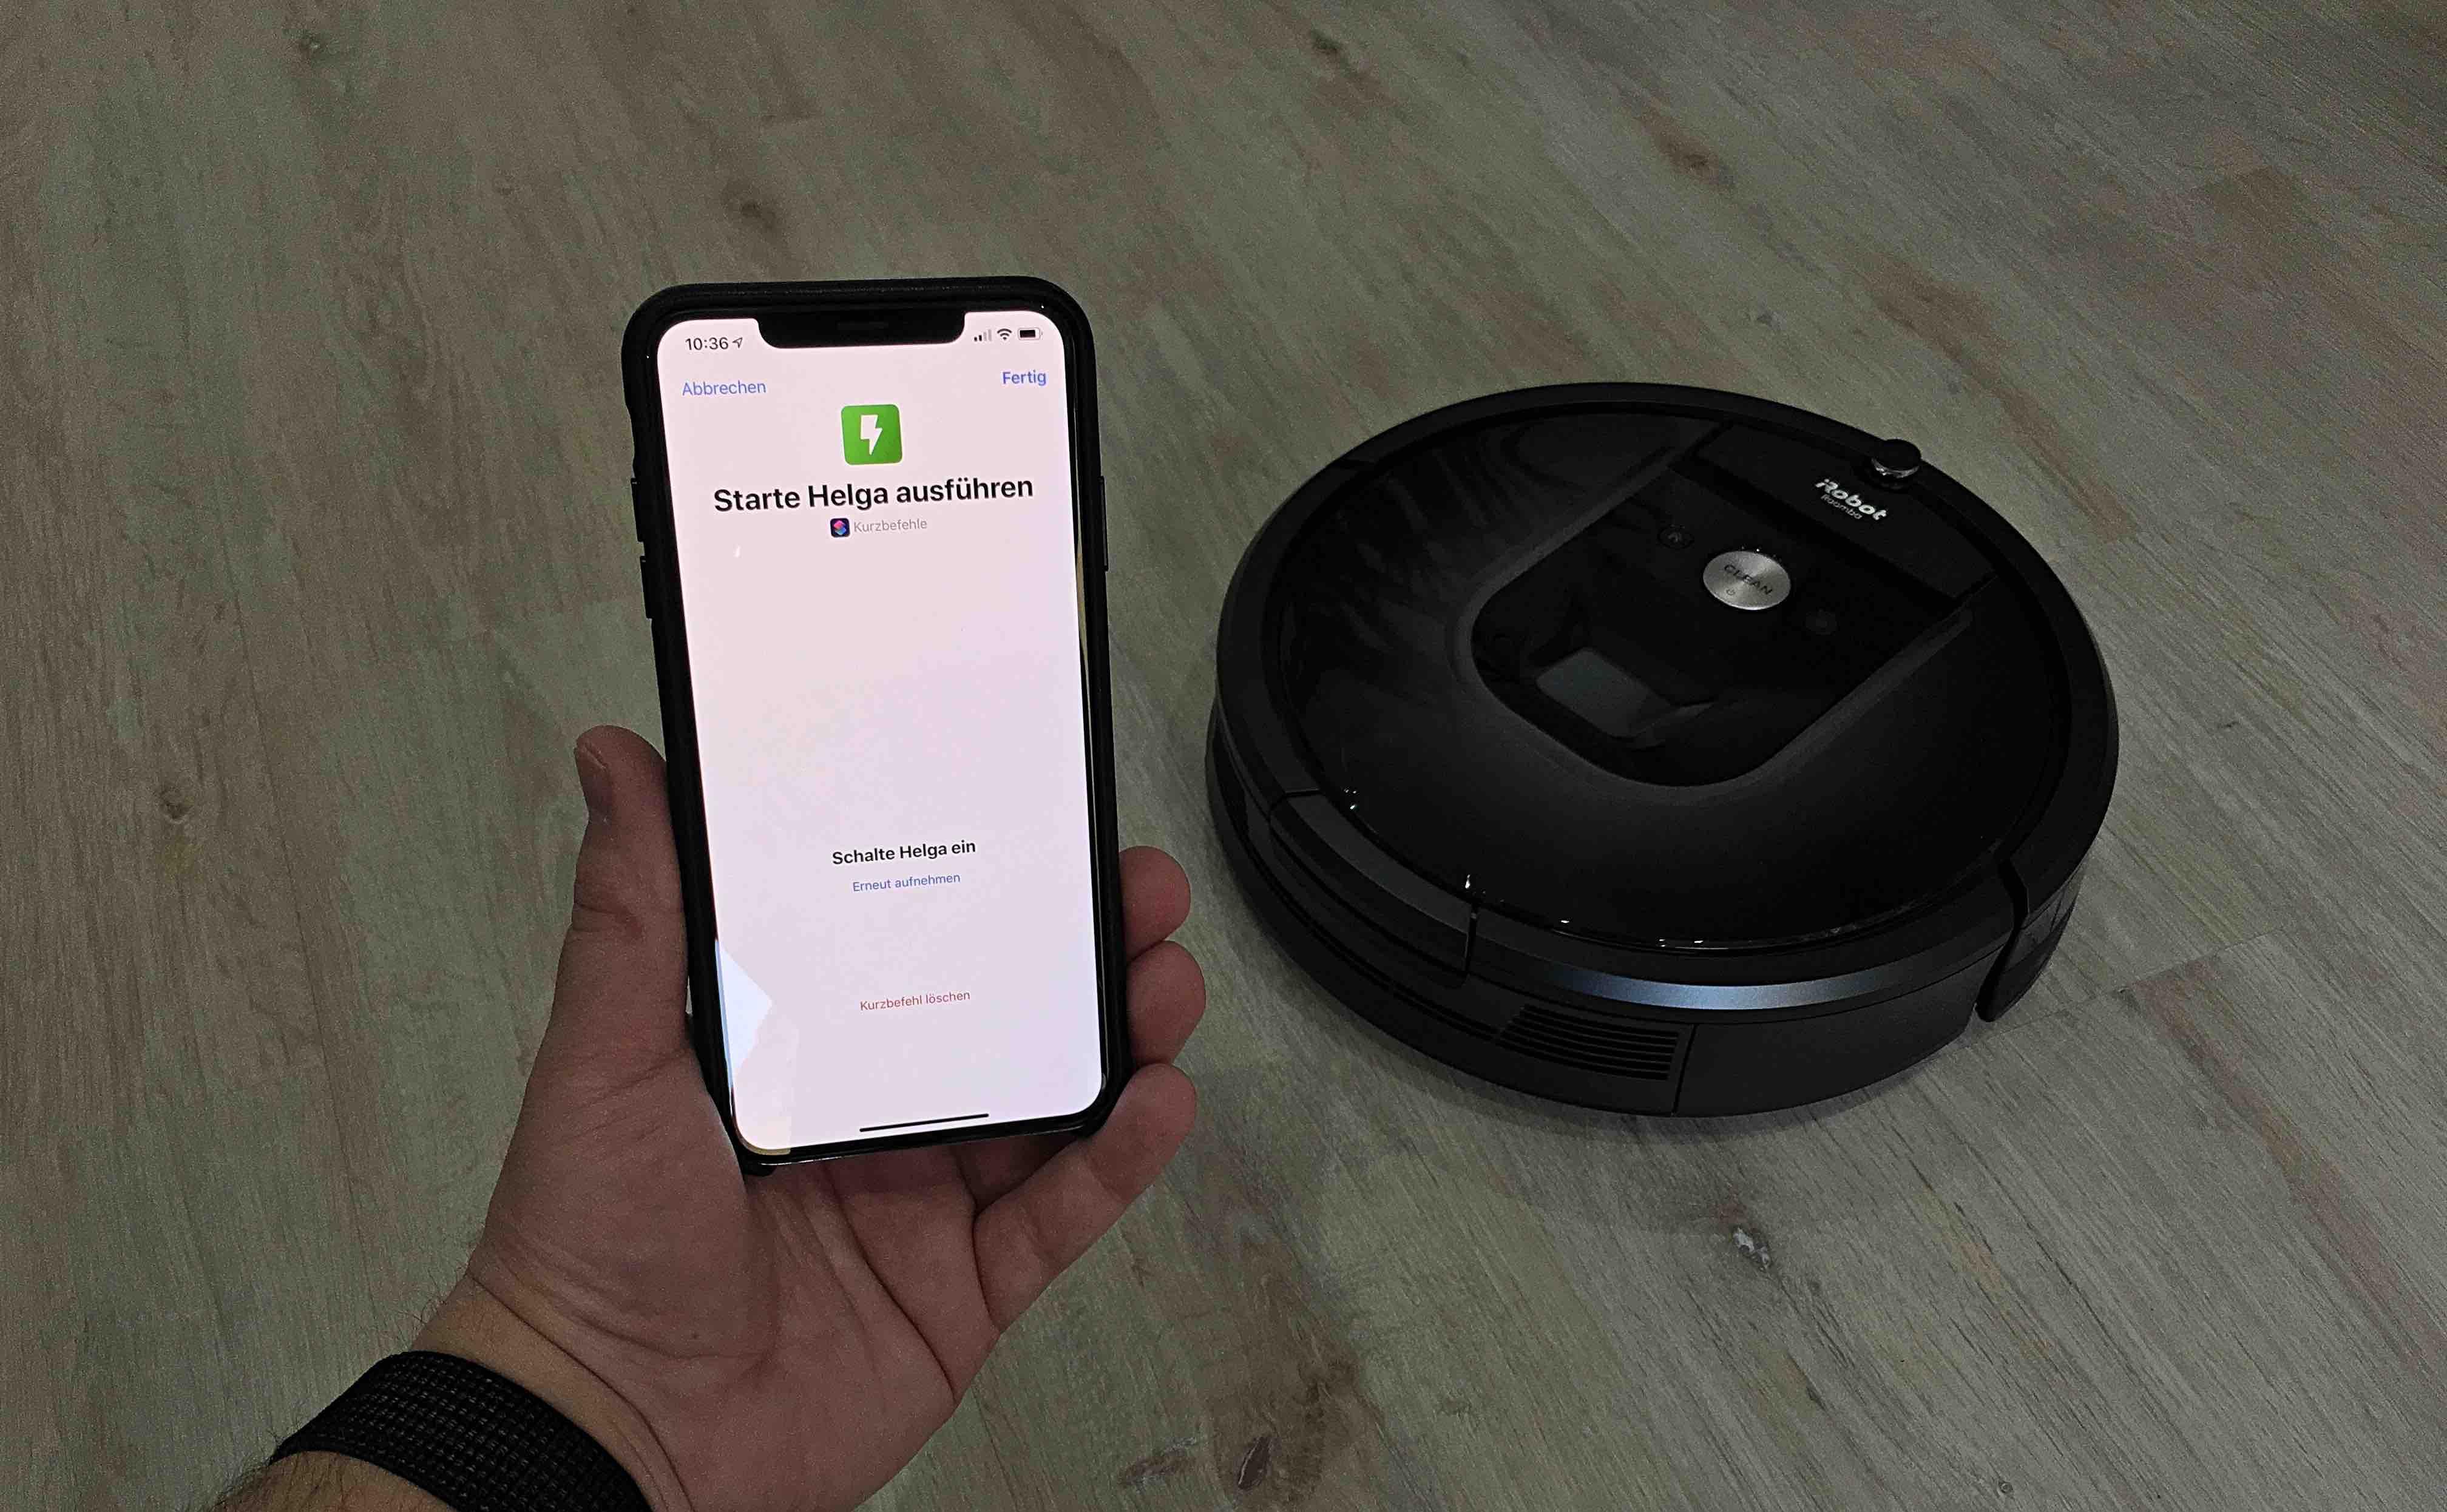 Anleitung-iRobot-Roomba-mit-Kurzbefehl-und-Siri-Kommando-nutzen Anleitung: iRobot Roomba mit Kurzbefehl und Siri-Kommando bedienen